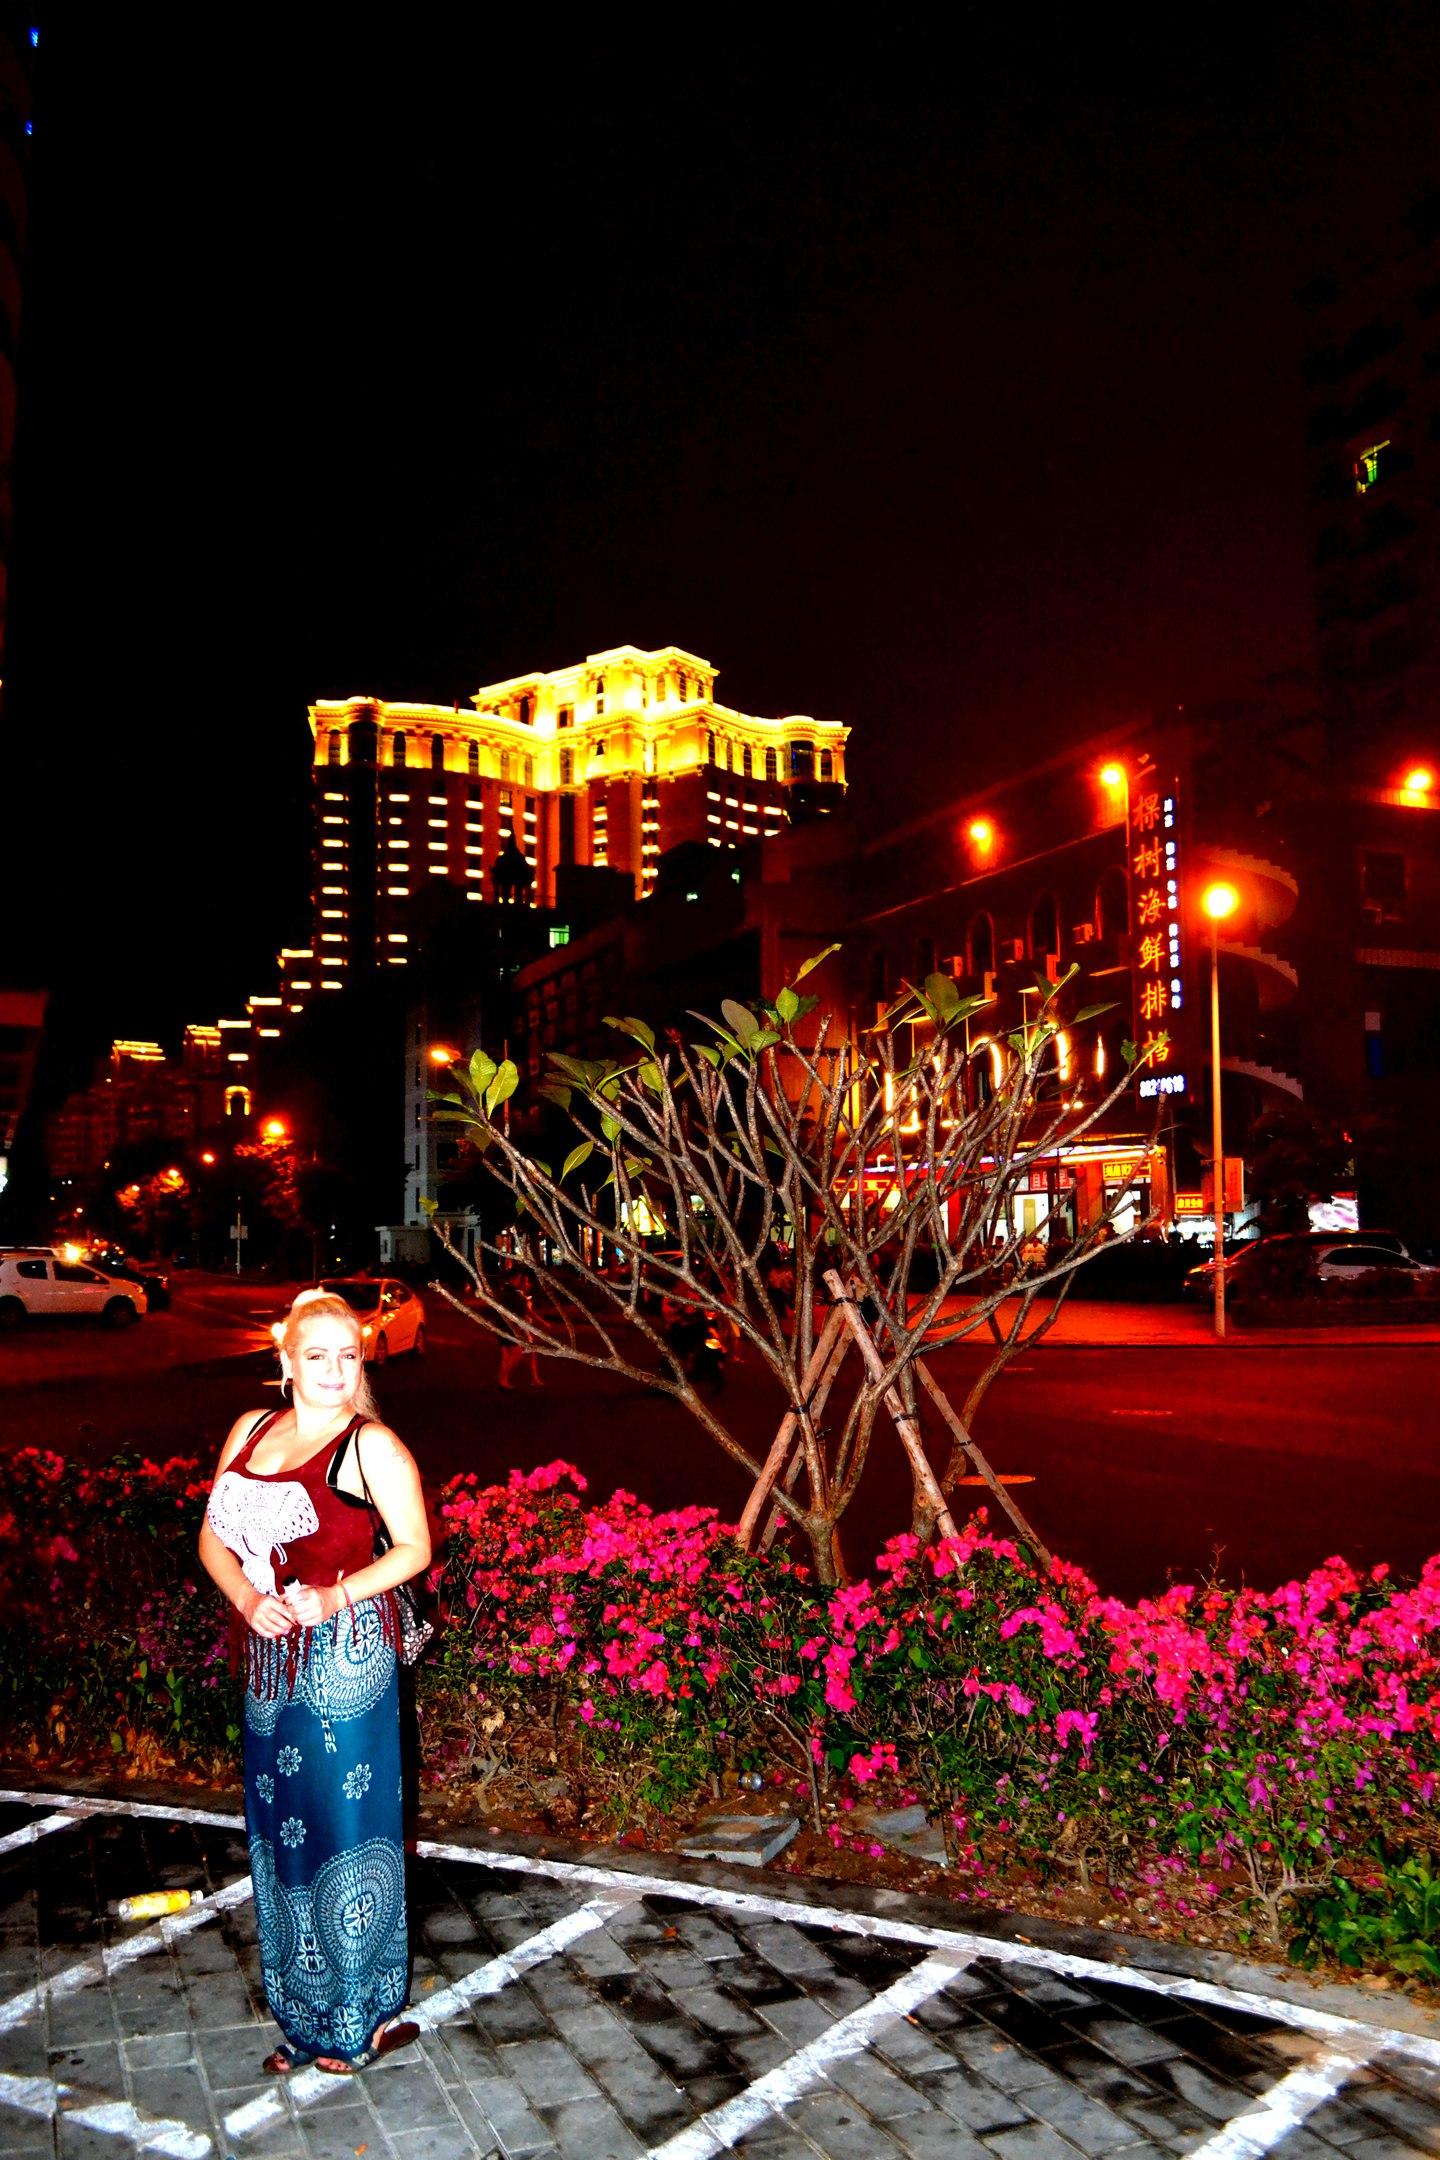 Елена Руденко (Валтея). Китай, о.Хайнань, г.Санья. (фото) - Страница 2 RbR1zLKkoOk